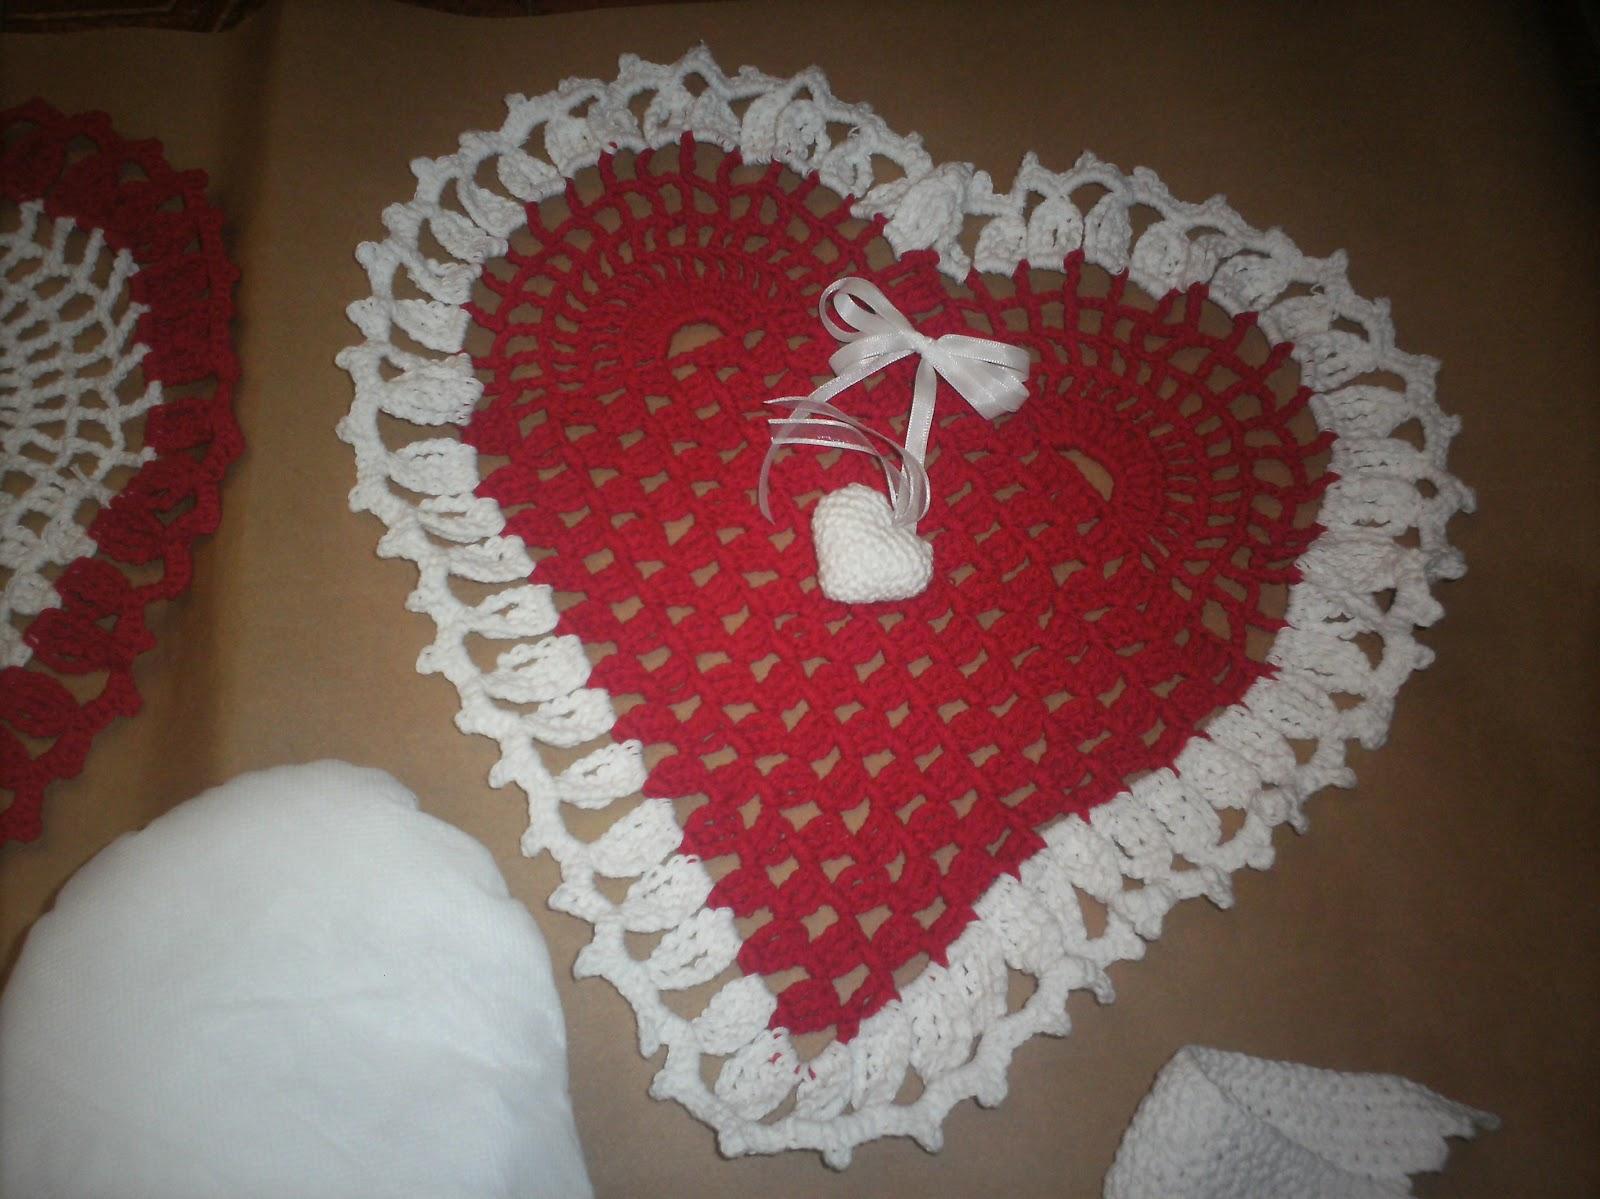 Imagina y hazlo realidad: PAP del almohadón con forma de corazón